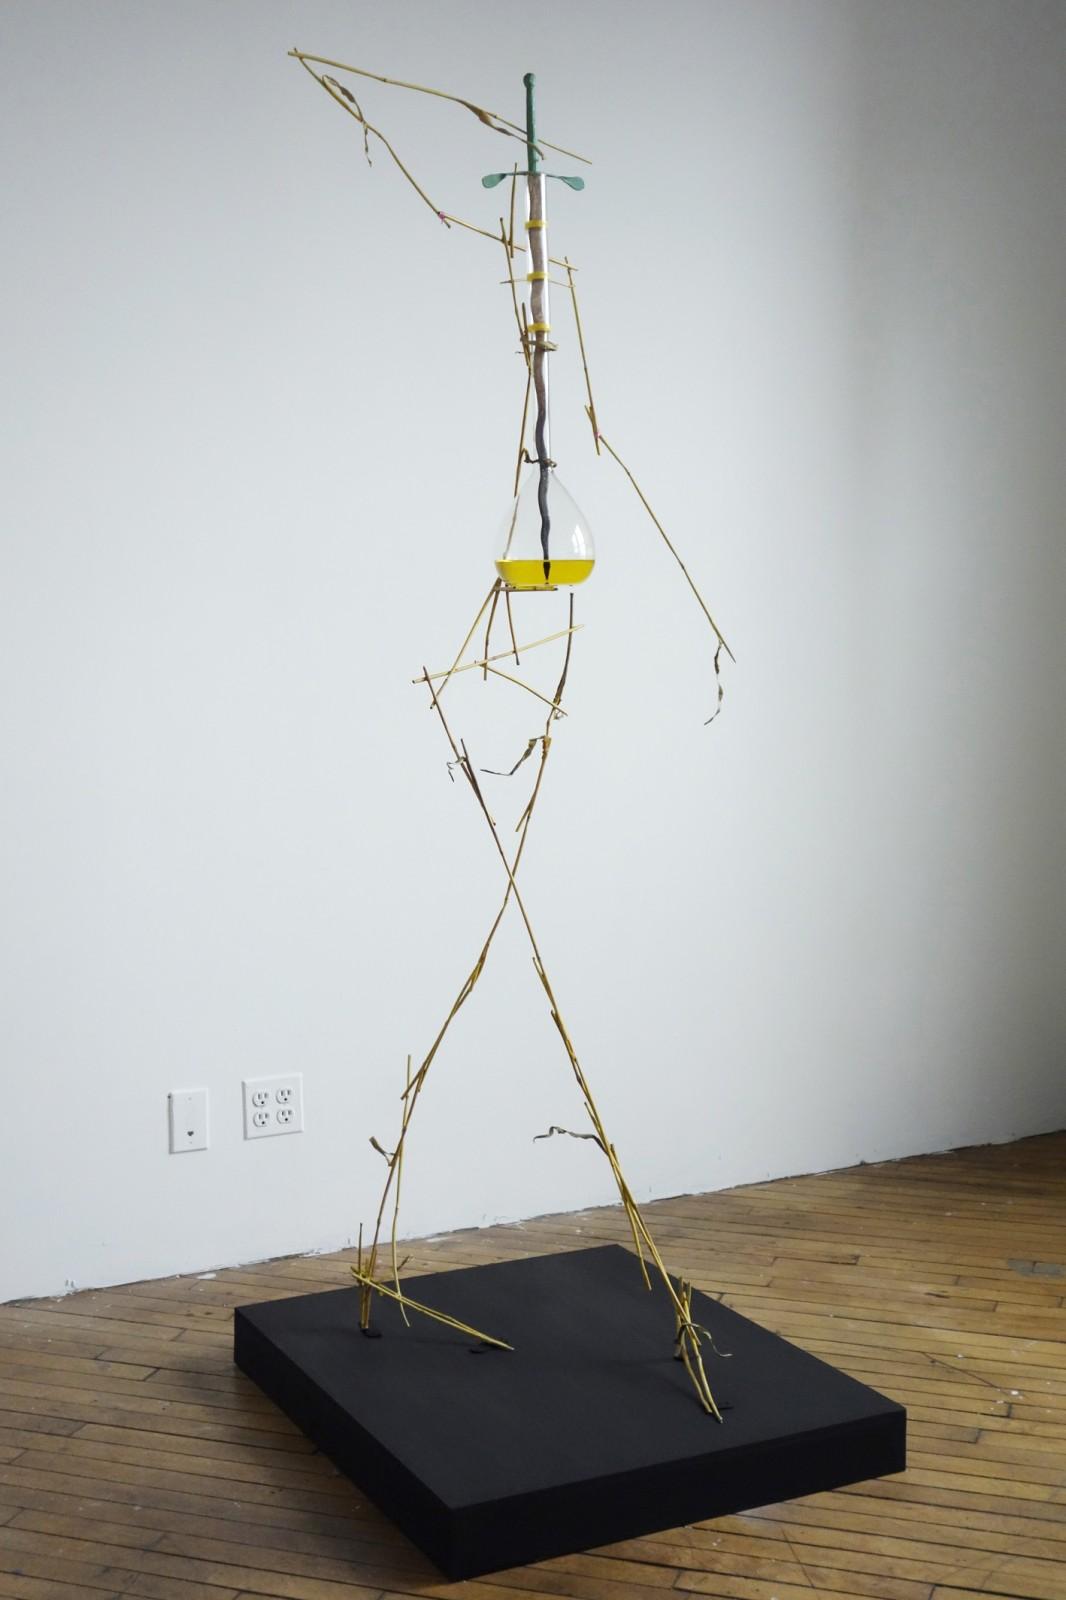 Olaf Brzeski, Krissy Kocktail, 2014-2015, ok. 60 x 60 x 190 cm, polerowany brąz, stal, szkło, kwas solny, farba olejna, źródło: Galeria Raster w Warszawie